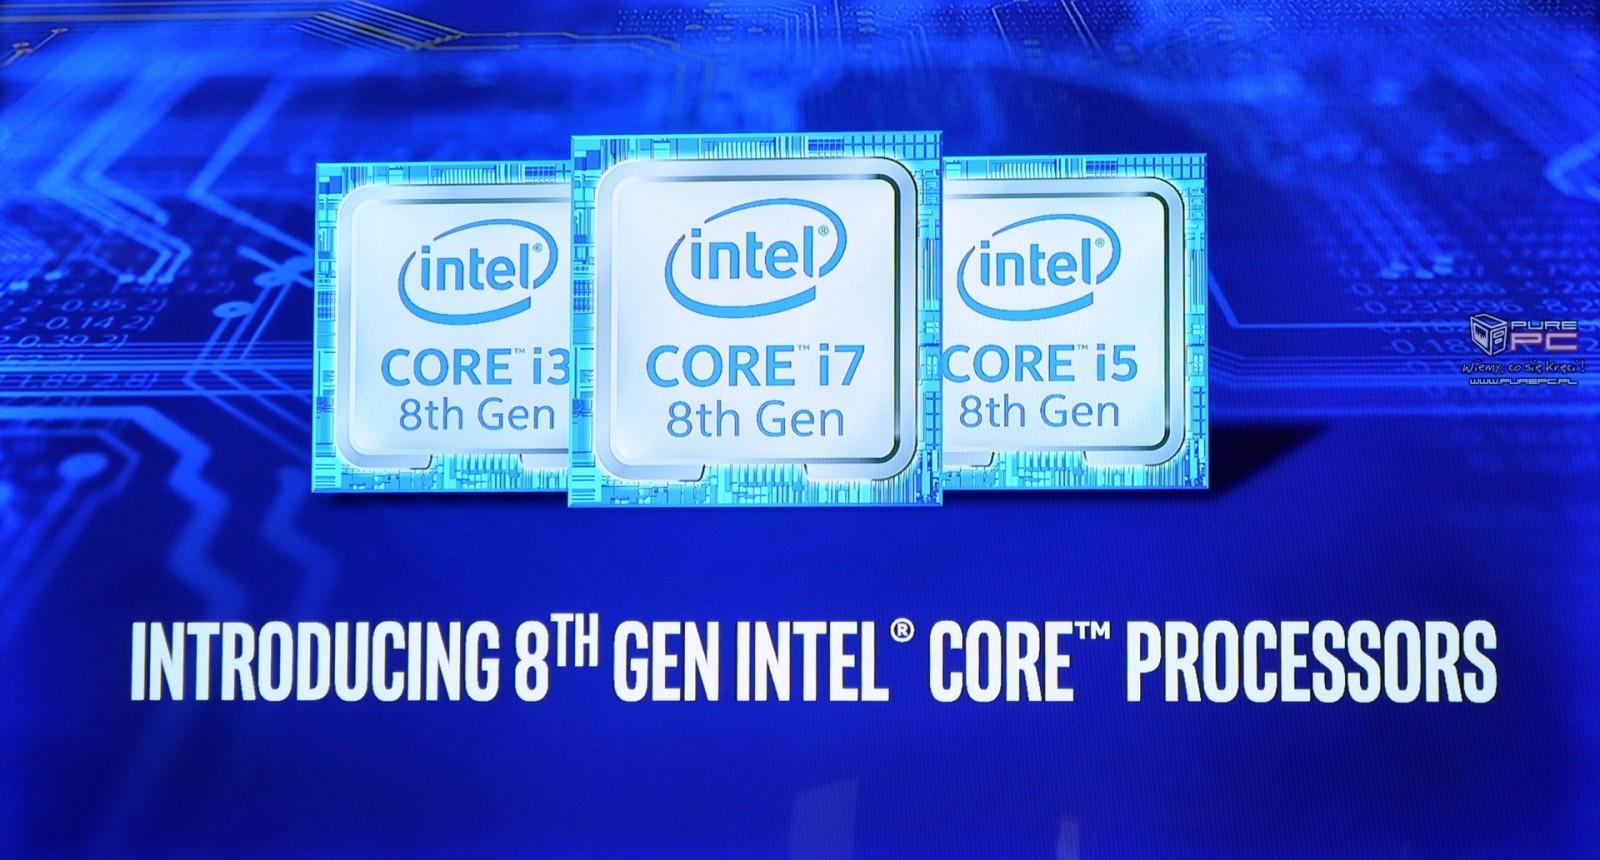 Sprawdziliśmy wydajność procesorów Intel Kaby Lake Refresh | PurePC pl